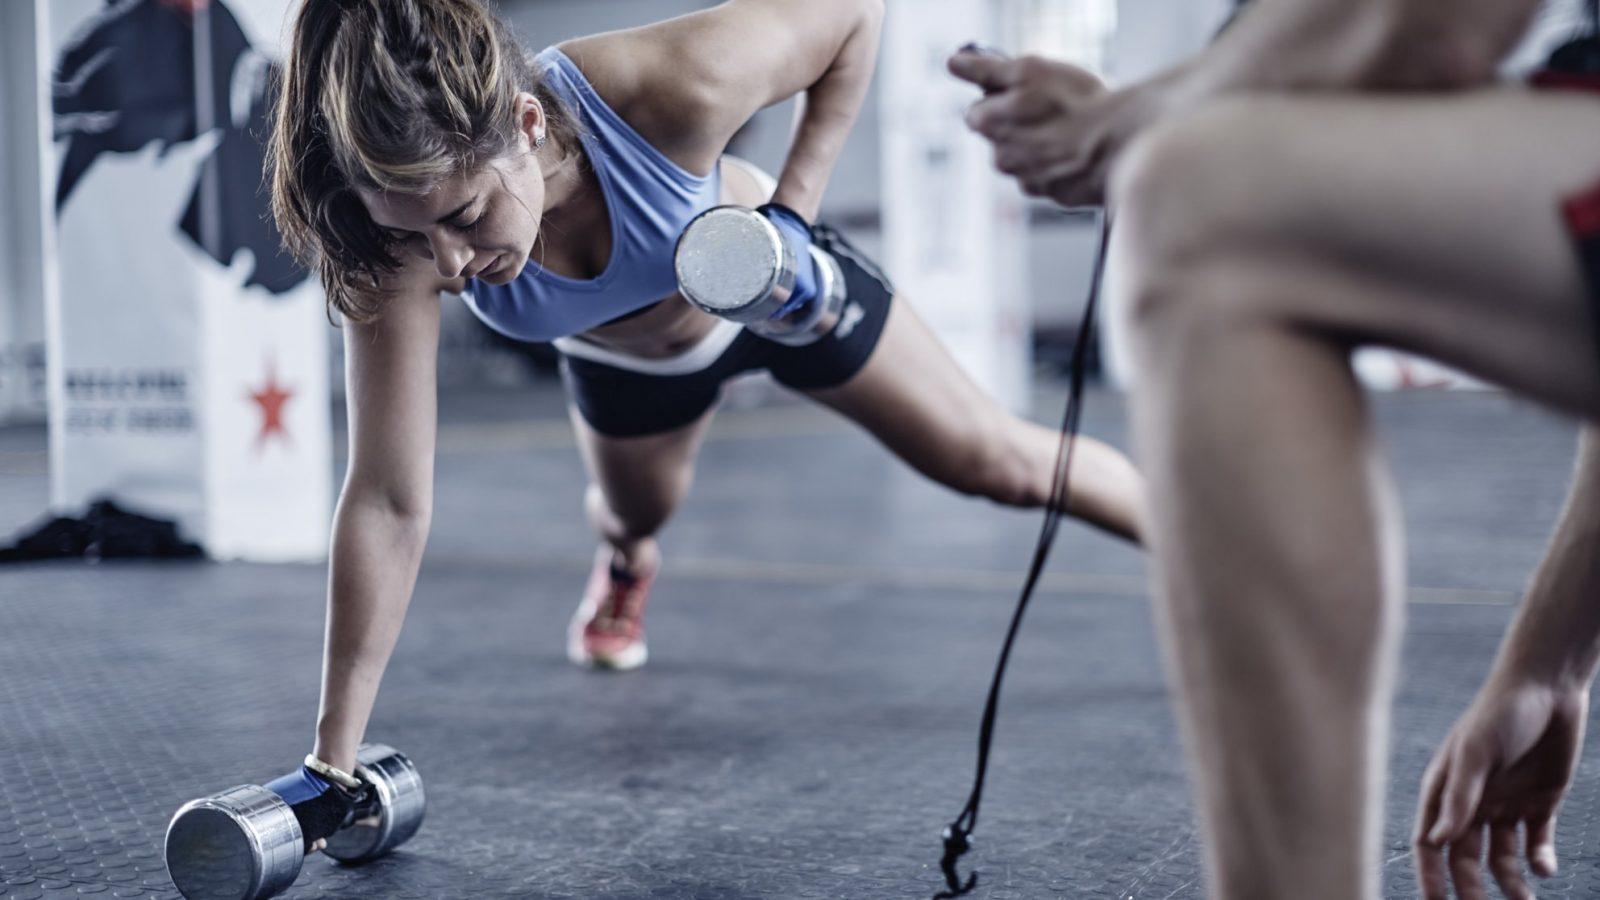 Спортивная девушка отжимается от пола с гантелями в руках